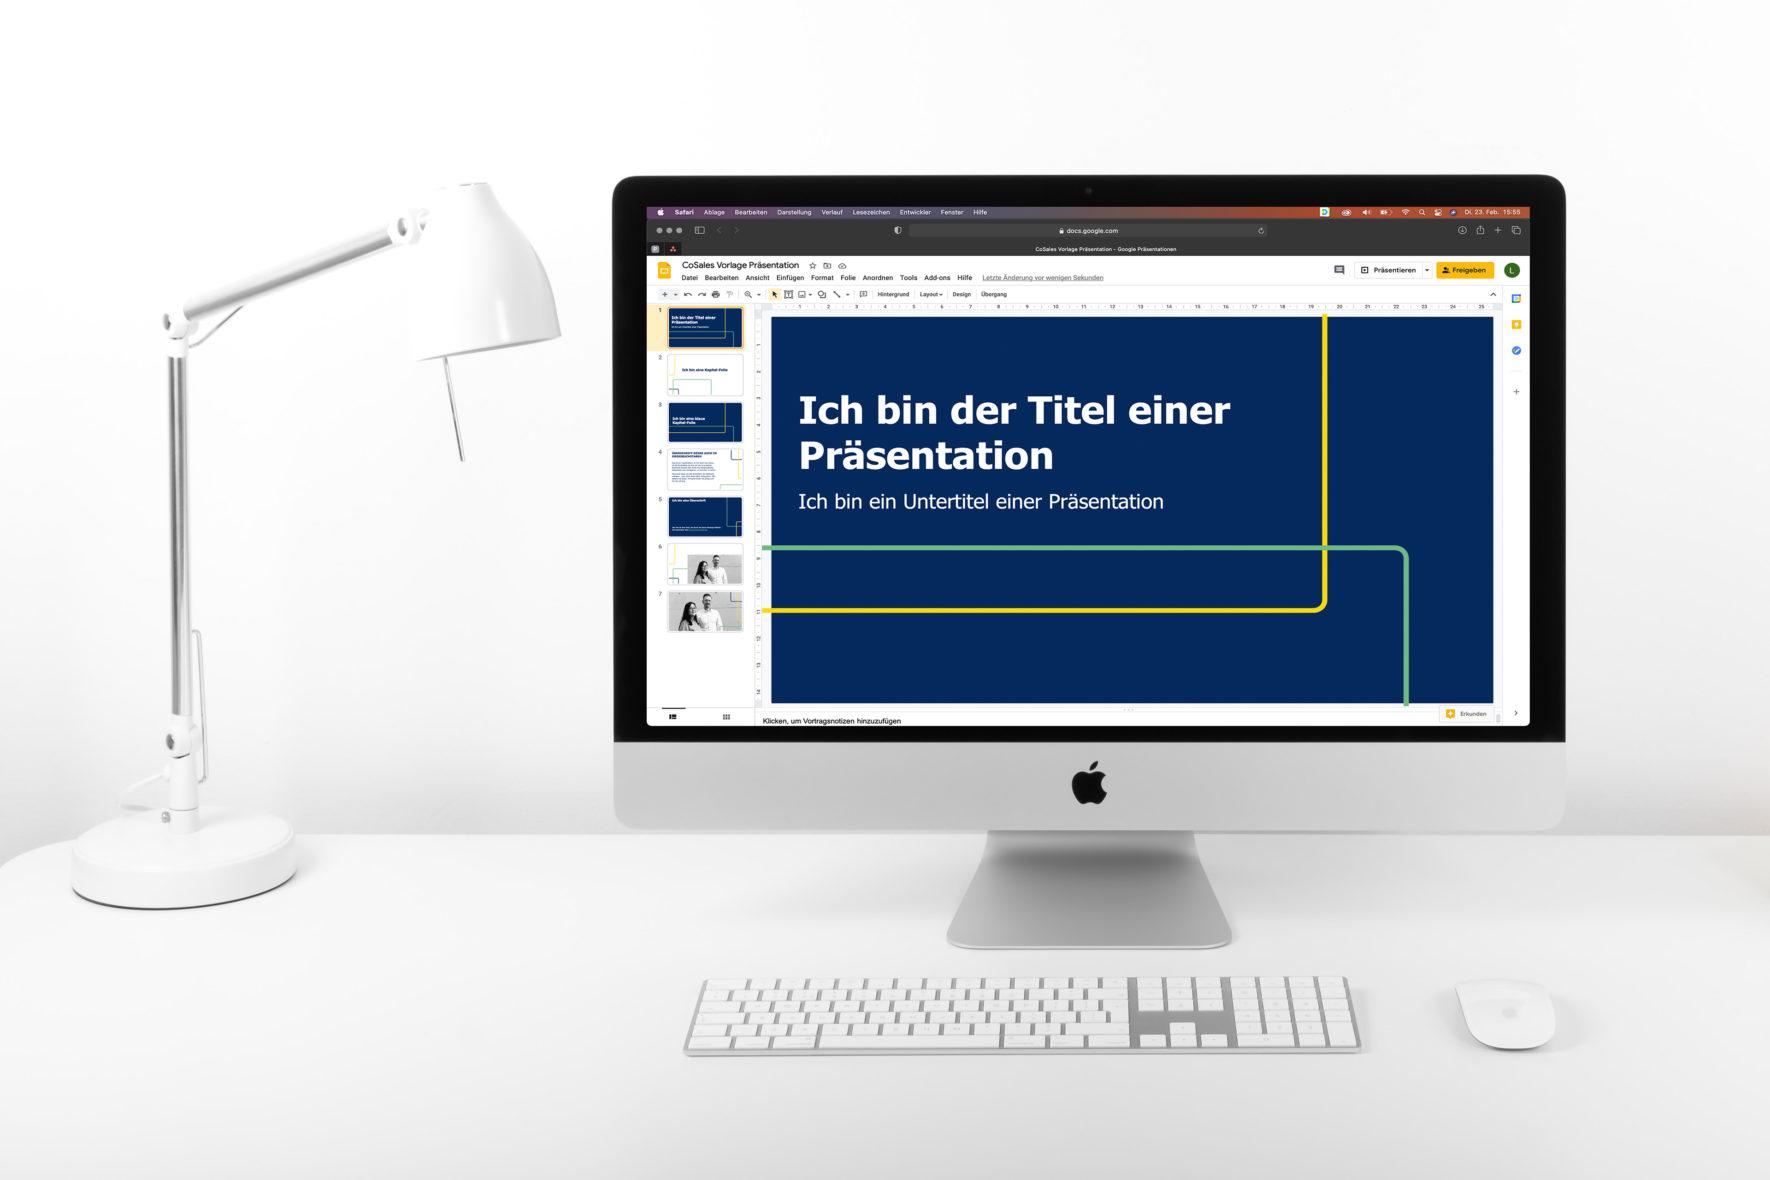 CoSales-Corporate-Design-Logo-Branding-Vorlage-Praesentation-FORMLOS-berlin-3